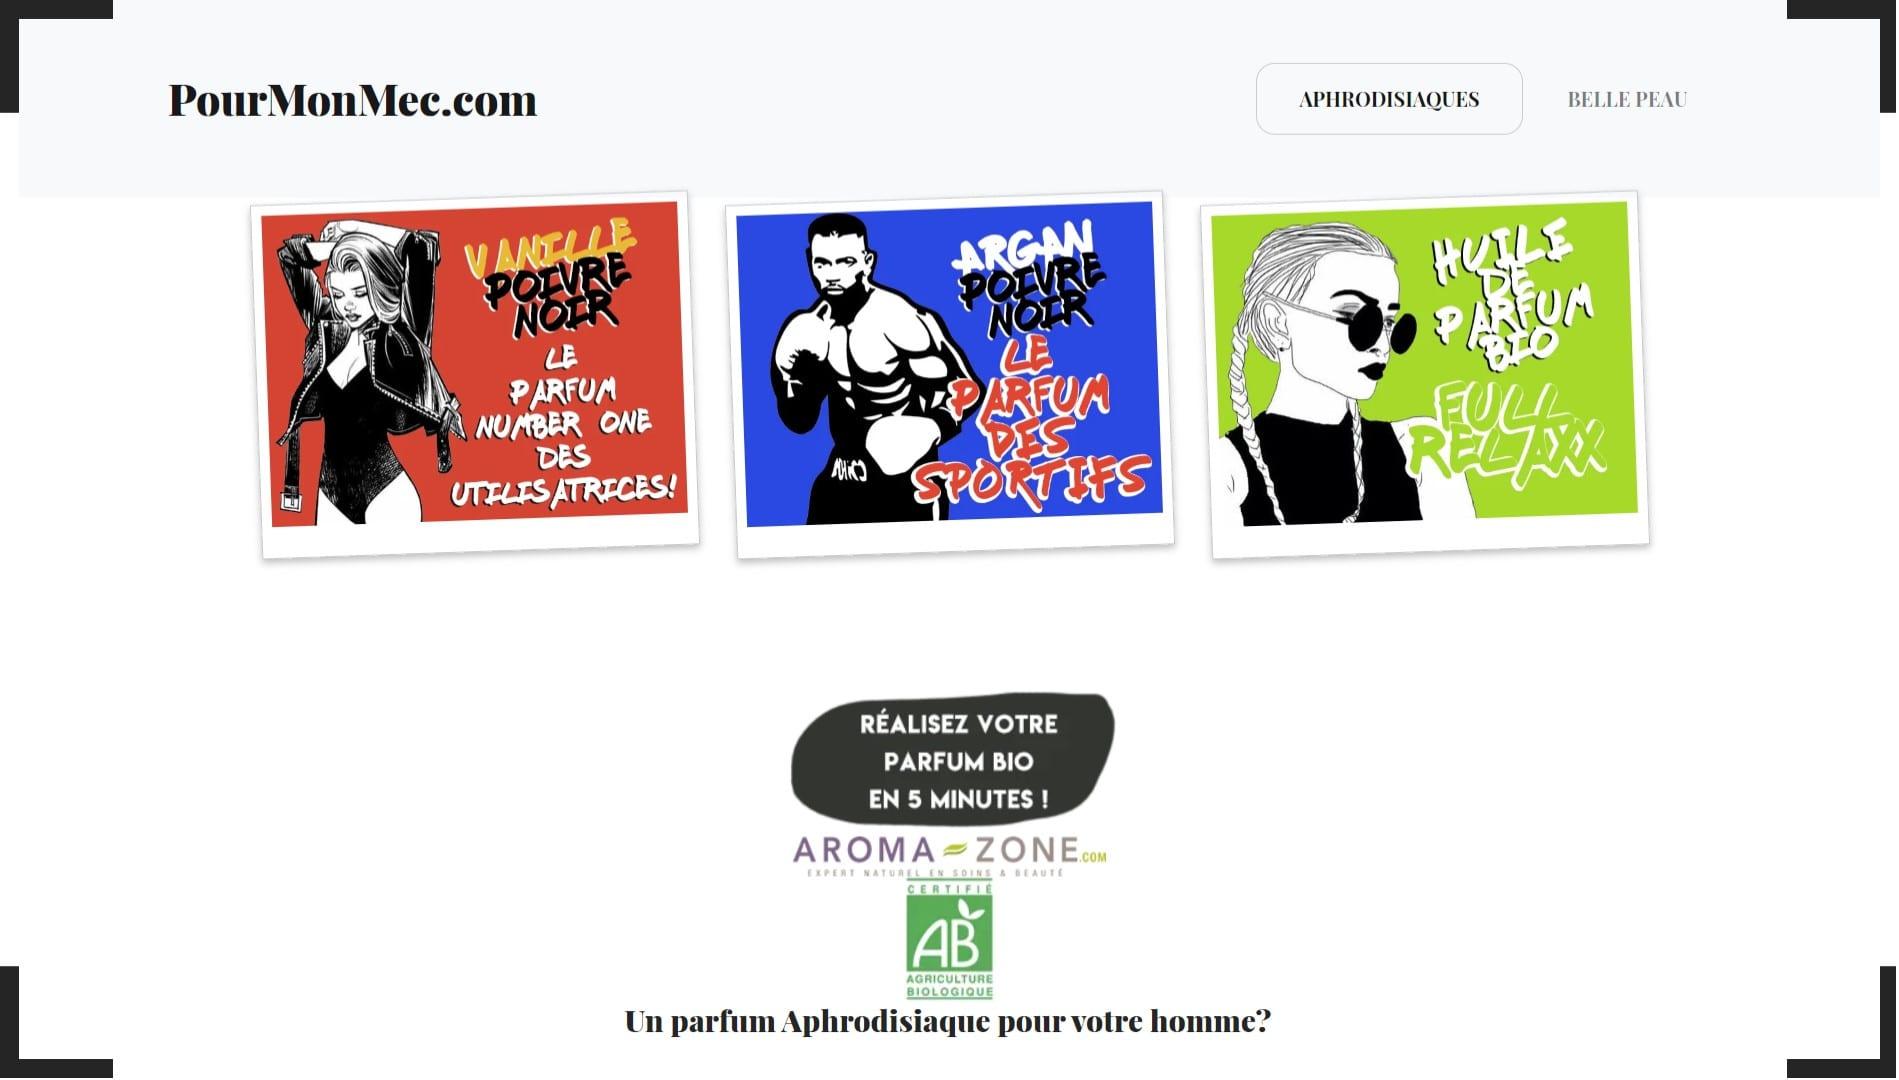 Pourmonmec.com Partenaire du Site Hypnotiseur-paris.fr